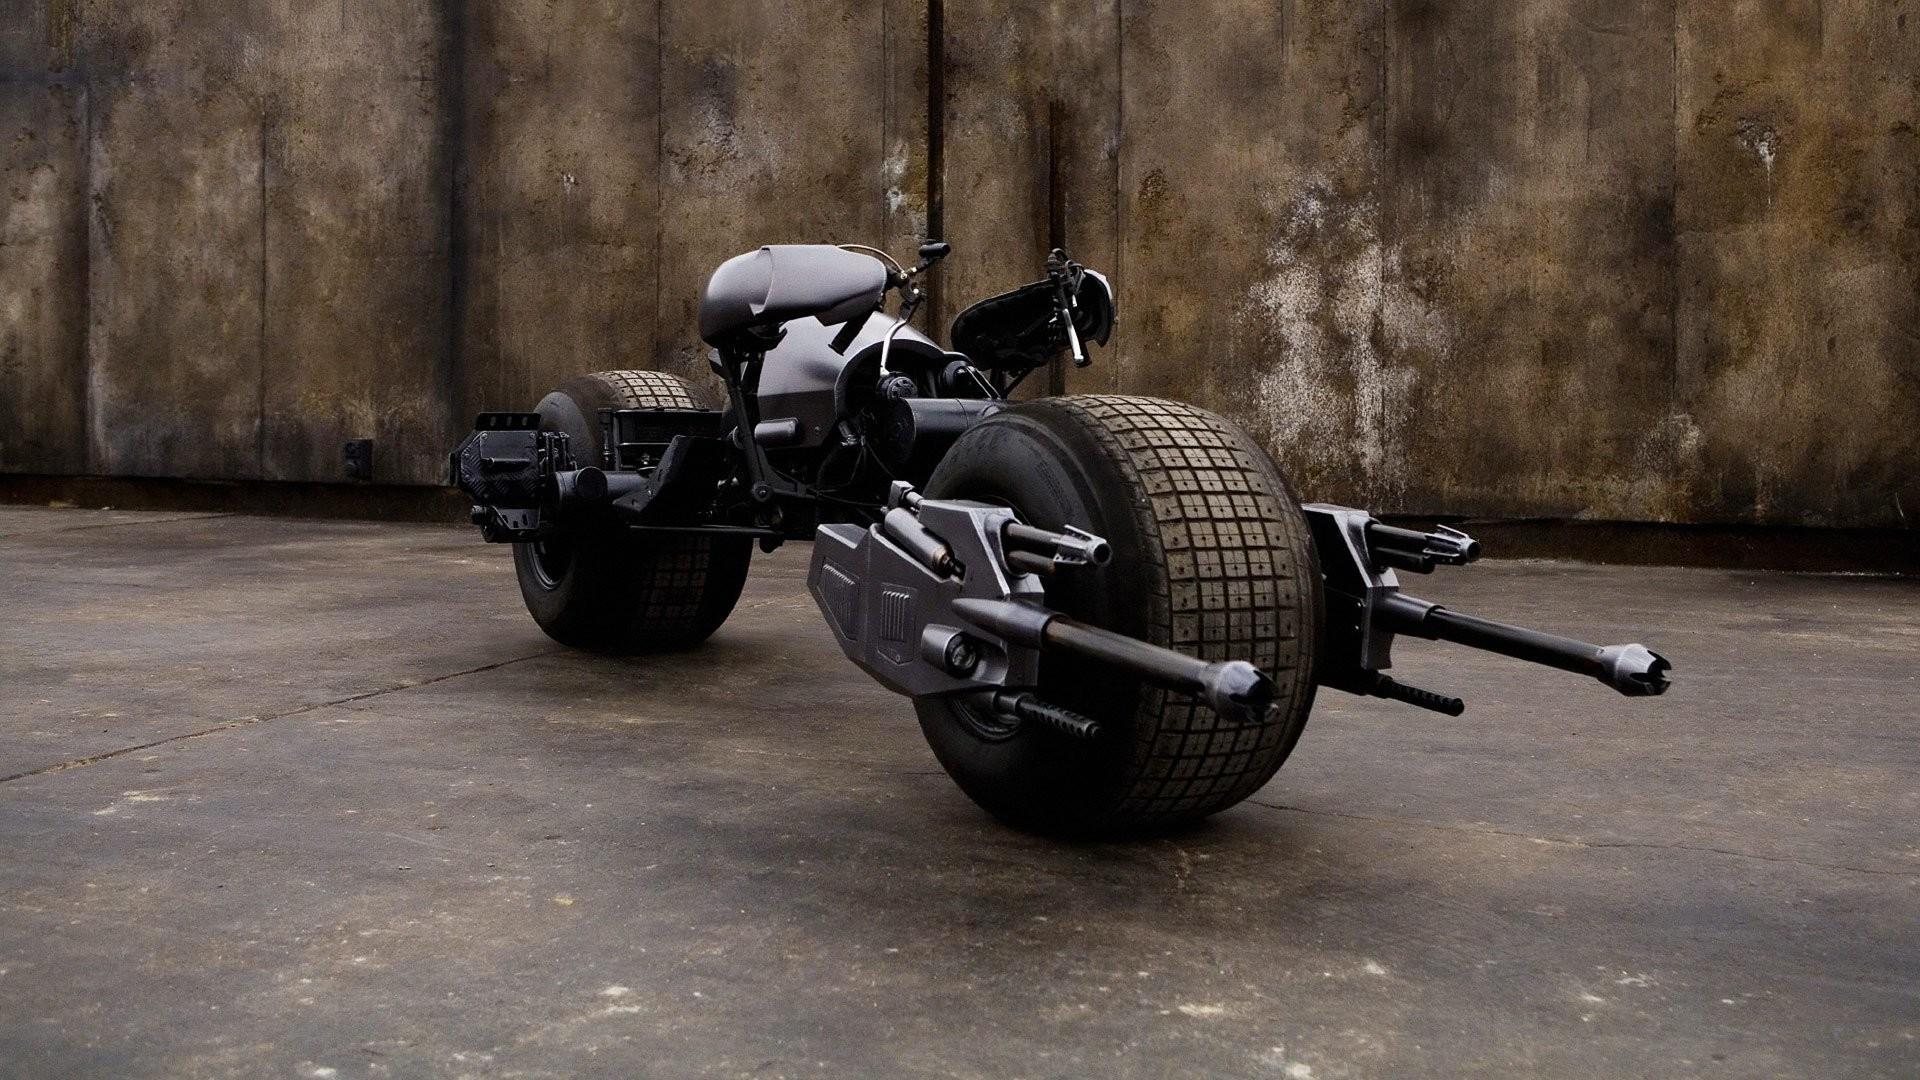 Batman Bike 441140